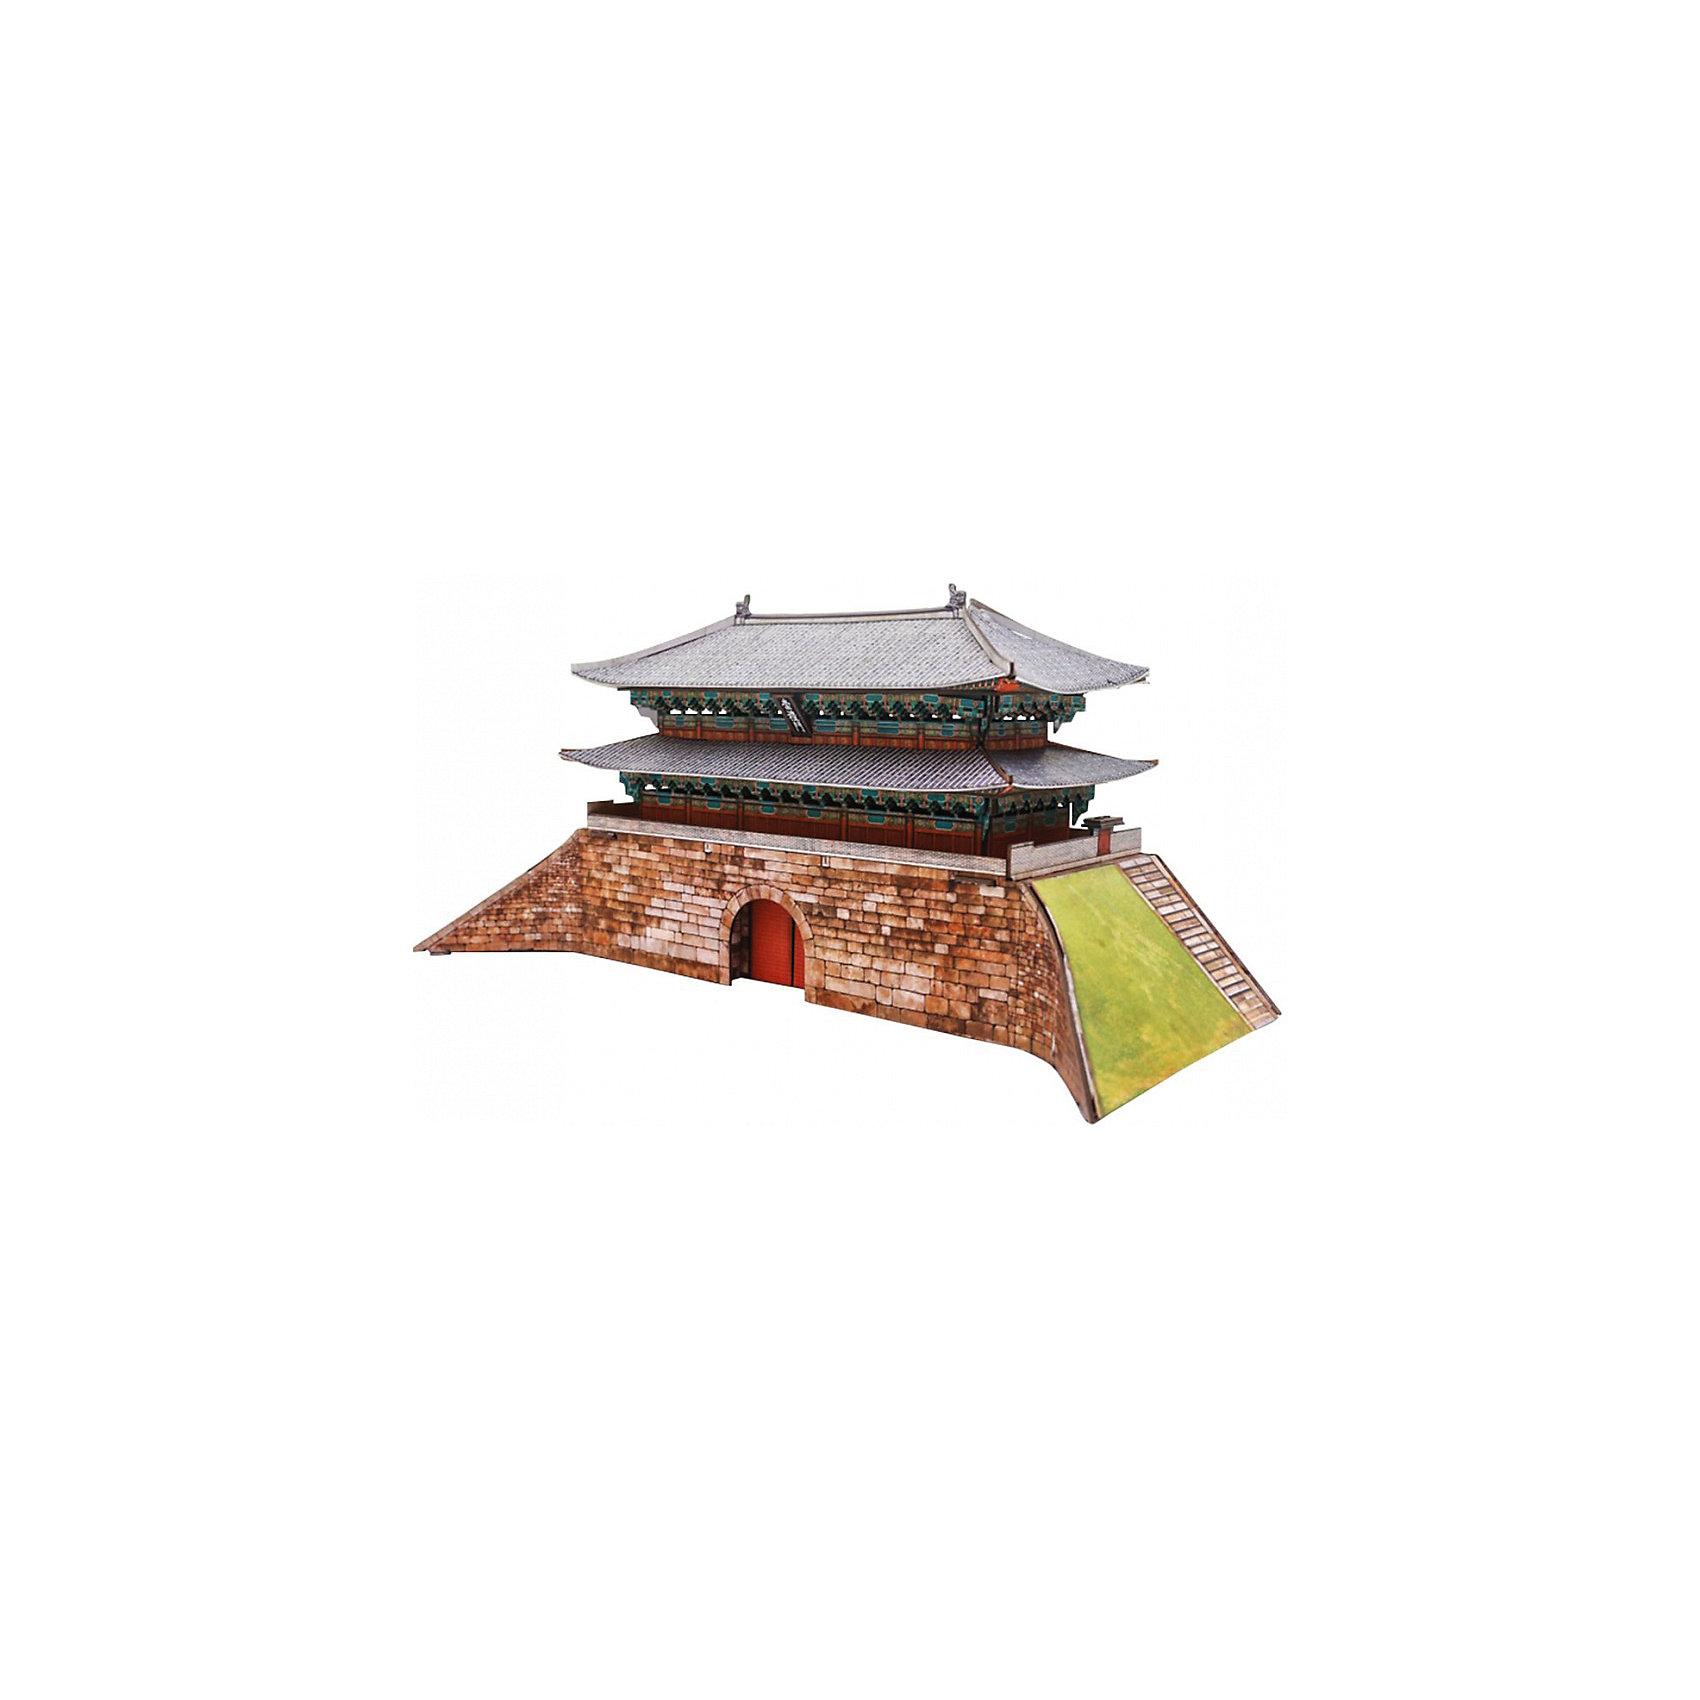 Сборная модель Ворота НамдэмунВорота Намдэмун (Сеул) - Сборная модель из картона. Серия: Масштабные модели. Количество деталей, шт: 55. Размер в собранном виде, см: 27,5 x 12,5 x 13. Размер упаковки, мм.:  высота 310 ширина 220 глубина 22. Тип упаковки: Картонная коробка. Вес, гр.: 322. Возраст: от 9 лет. Все модели и игрушки, созданные по технологии УМНАЯ БУМАГА собираются без ножниц и клея, что является их неповторимой особенностью.<br>Принцип соединения деталей запатентован. Соединения деталей продуманы и просчитаны с такой точностью, что при правильной сборке с моделью можно играть, как с обычной игрушкой.<br><br>Ширина мм: 220<br>Глубина мм: 22<br>Высота мм: 310<br>Вес г: 322<br>Возраст от месяцев: 84<br>Возраст до месяцев: 2147483647<br>Пол: Унисекс<br>Возраст: Детский<br>SKU: 4807506